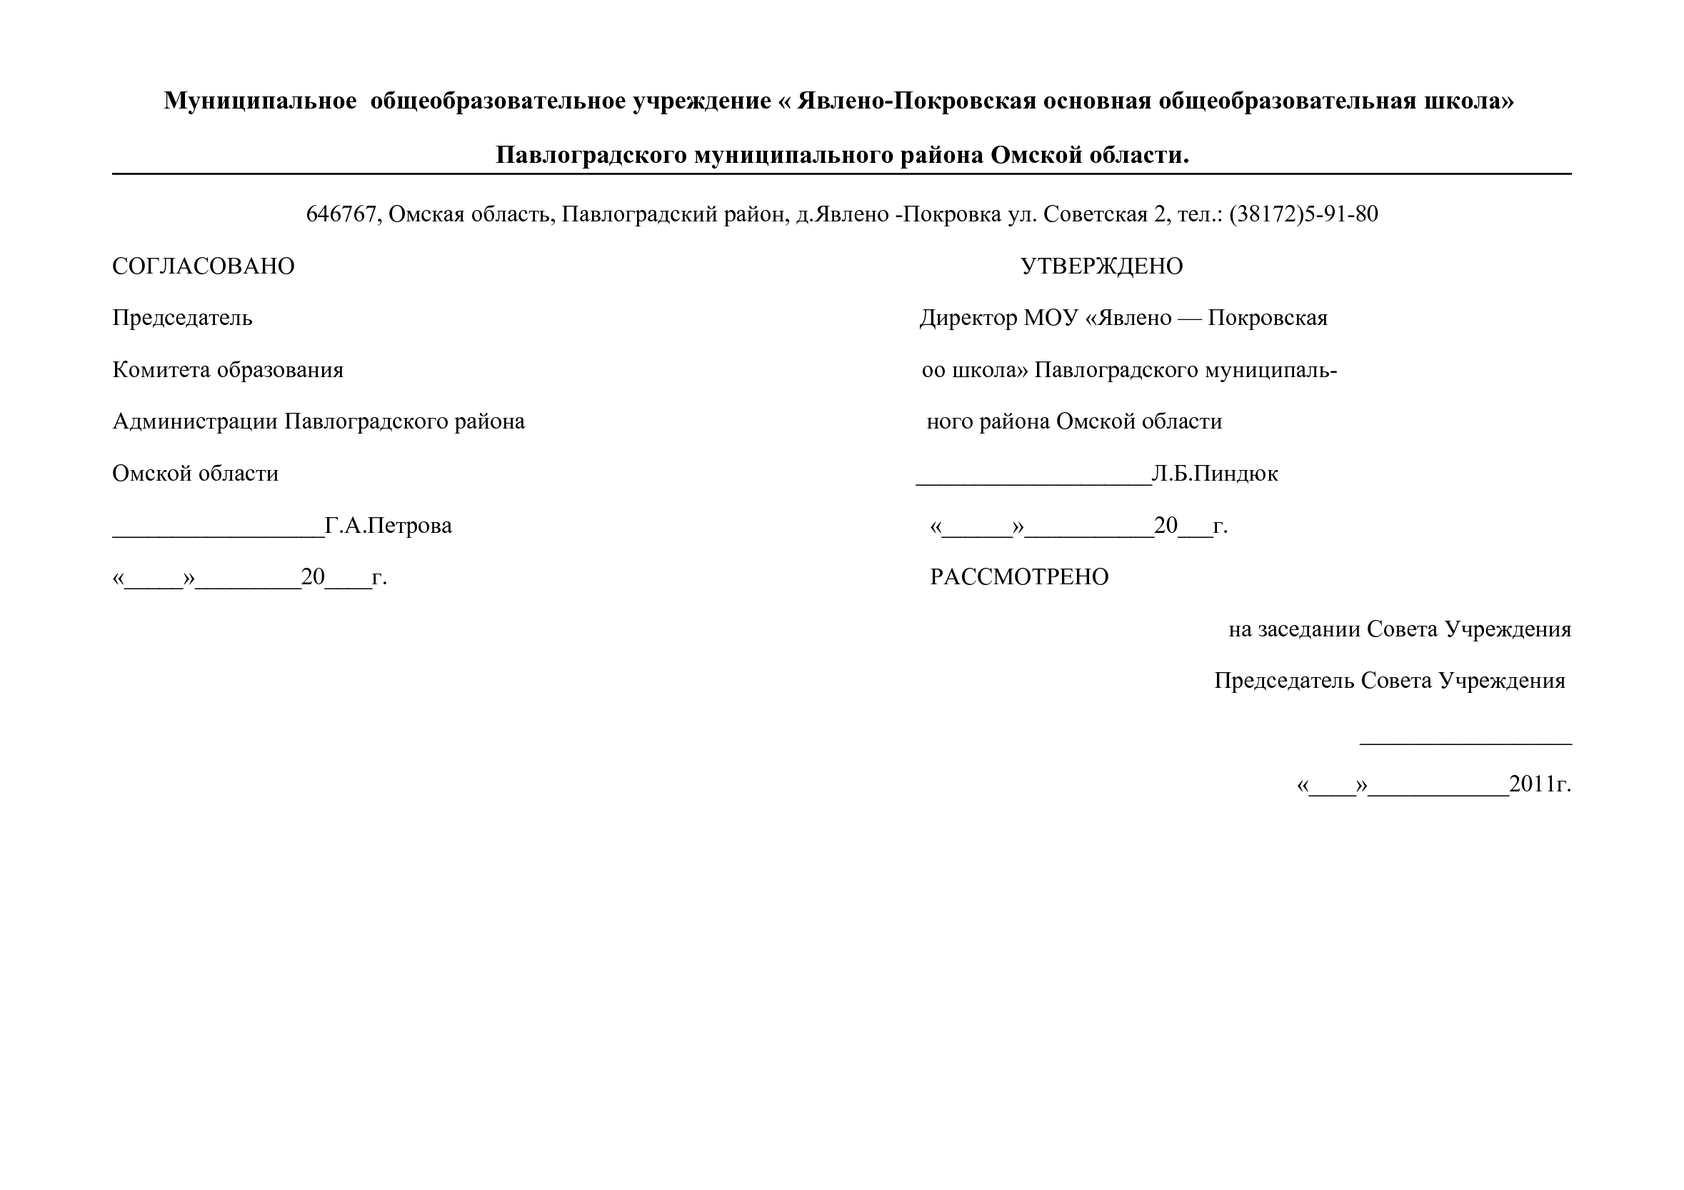 Методическая разработка по русскому языку по теме контрольные  Тексты диктантов 2 класс пнш